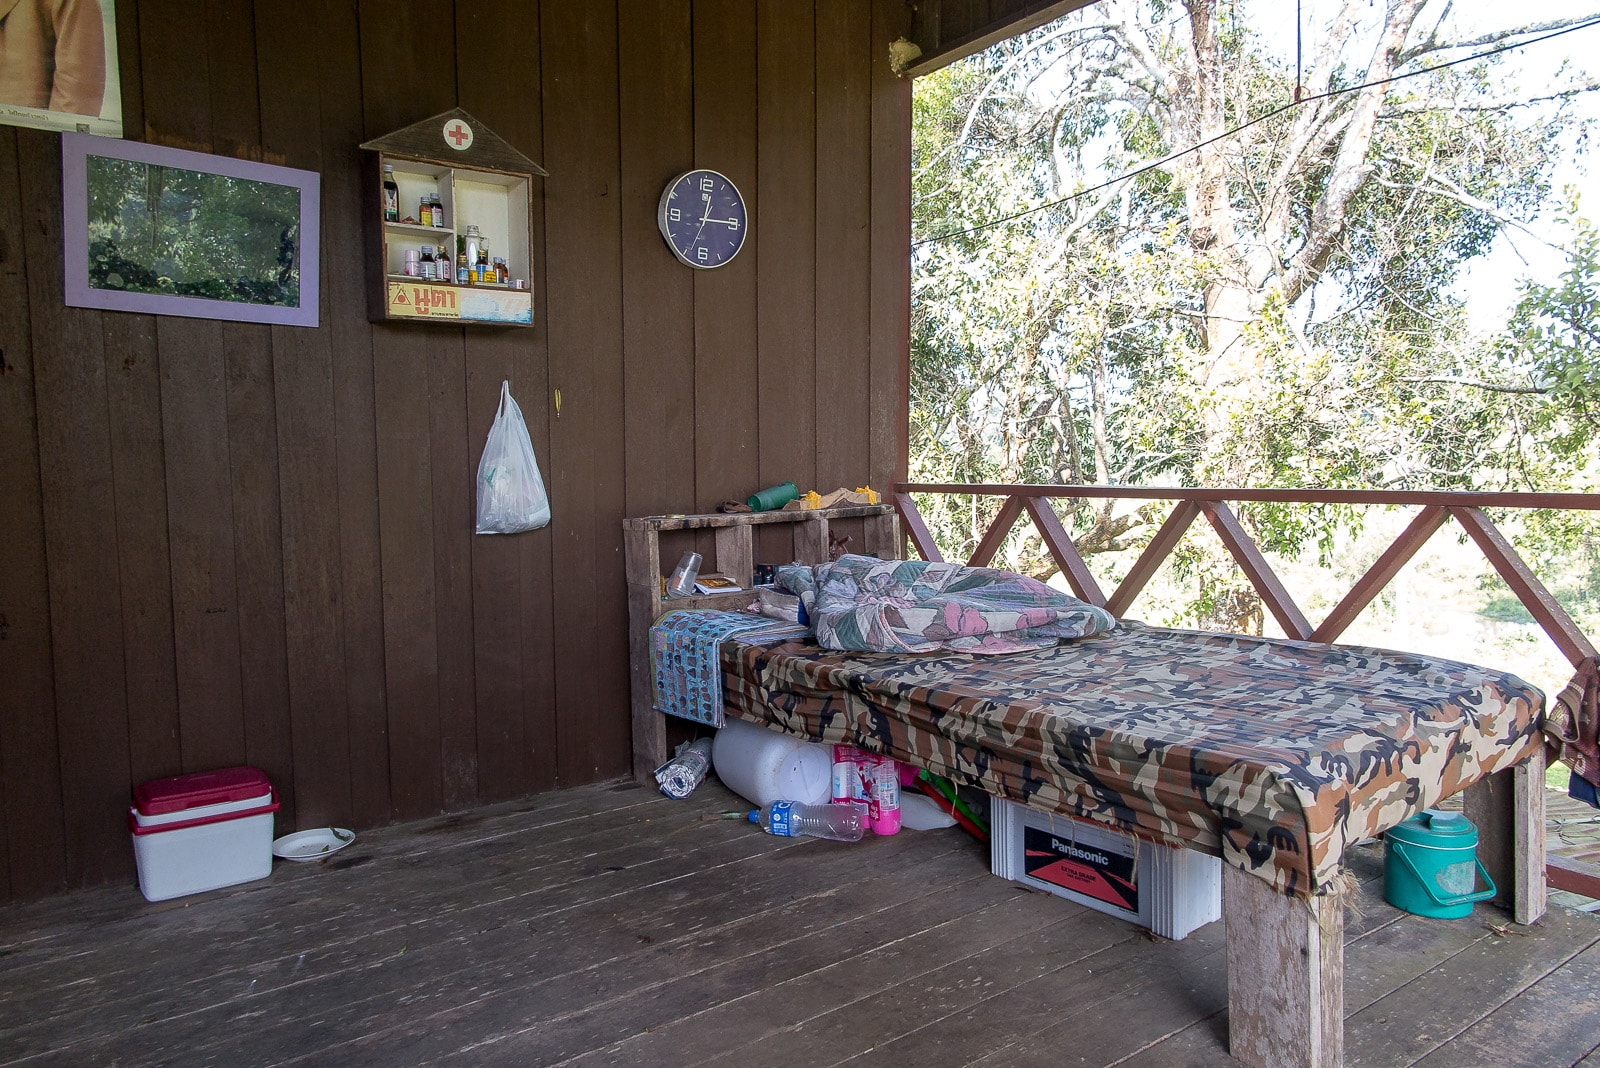 Einfaches Leben auf der Ranger-Station: Freiluftbett inklusive